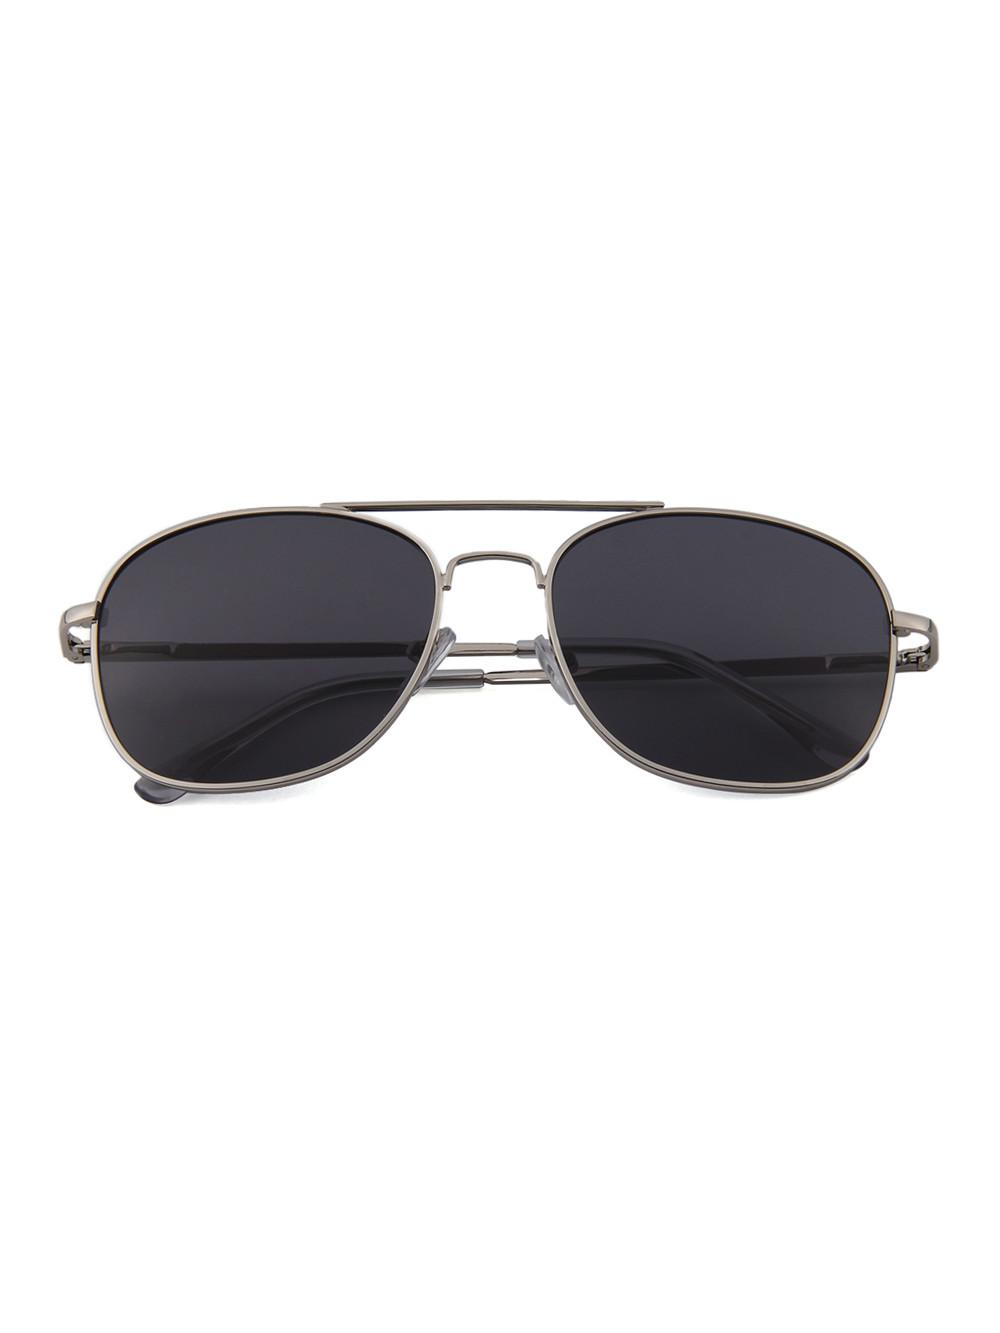 Slnečné okuliare Aviator Square Black 453c1048cac